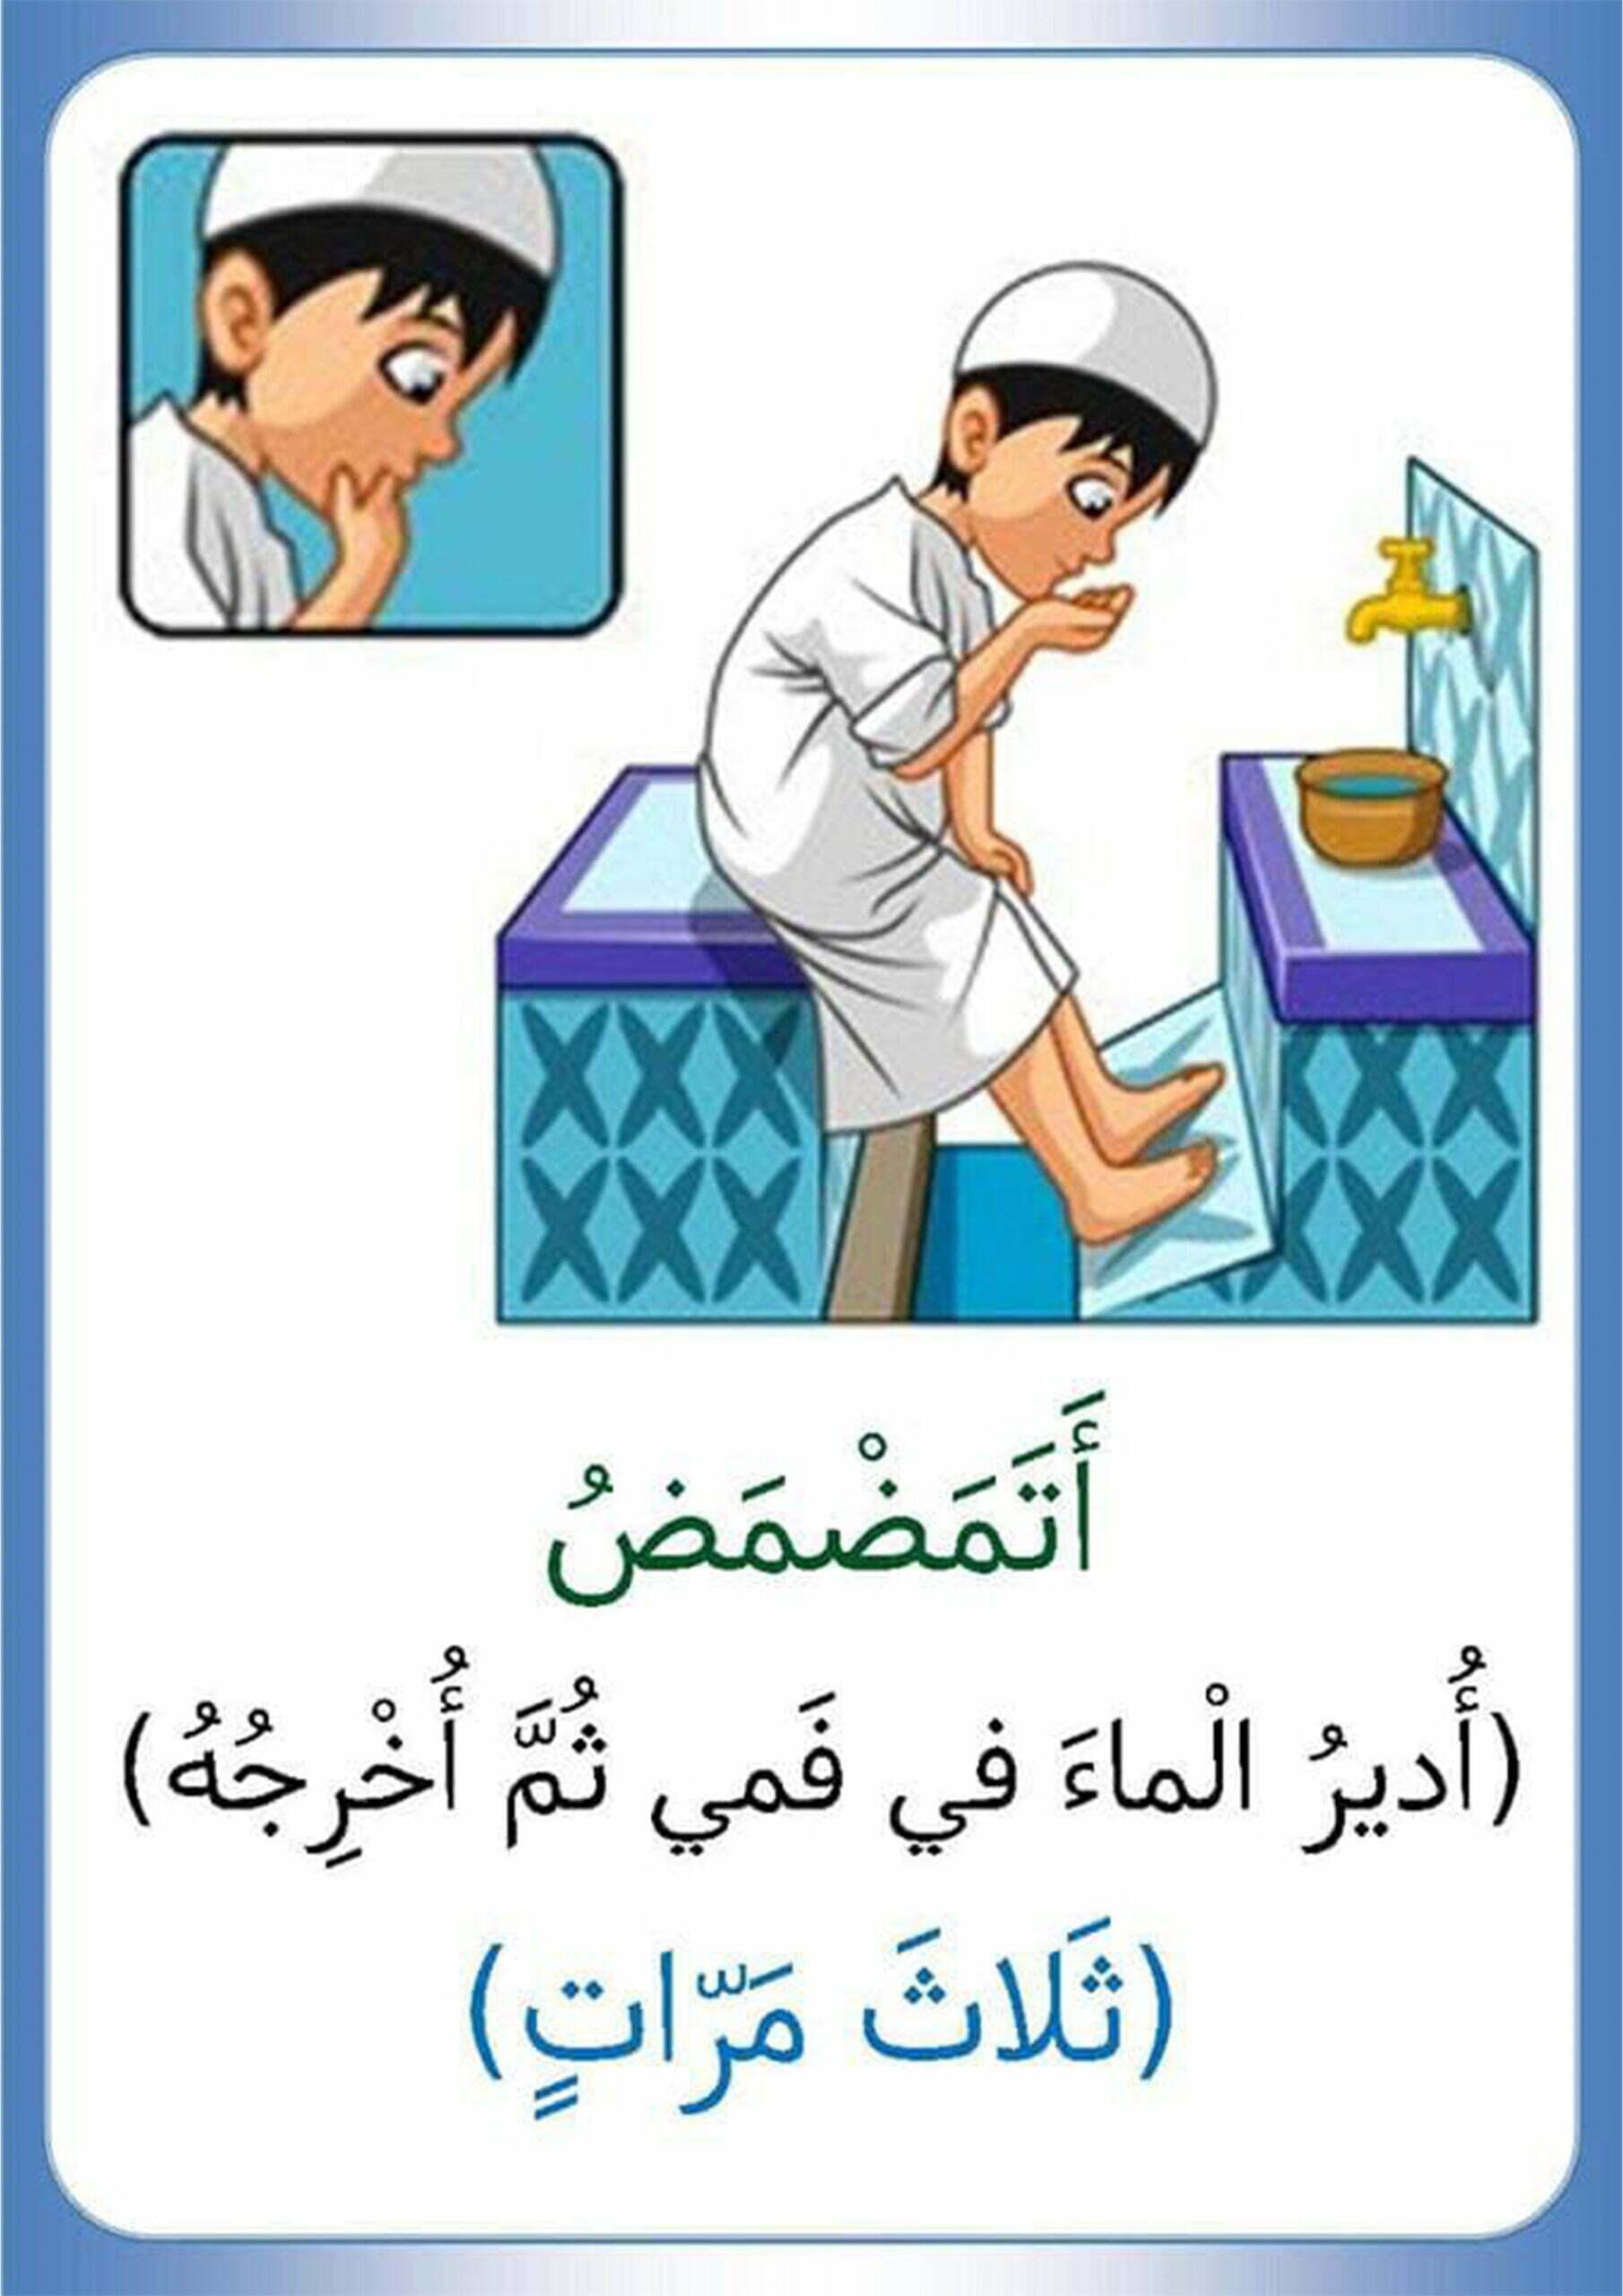 3-أتمضمض اي أدير الماء في فمي ثم أخرجه